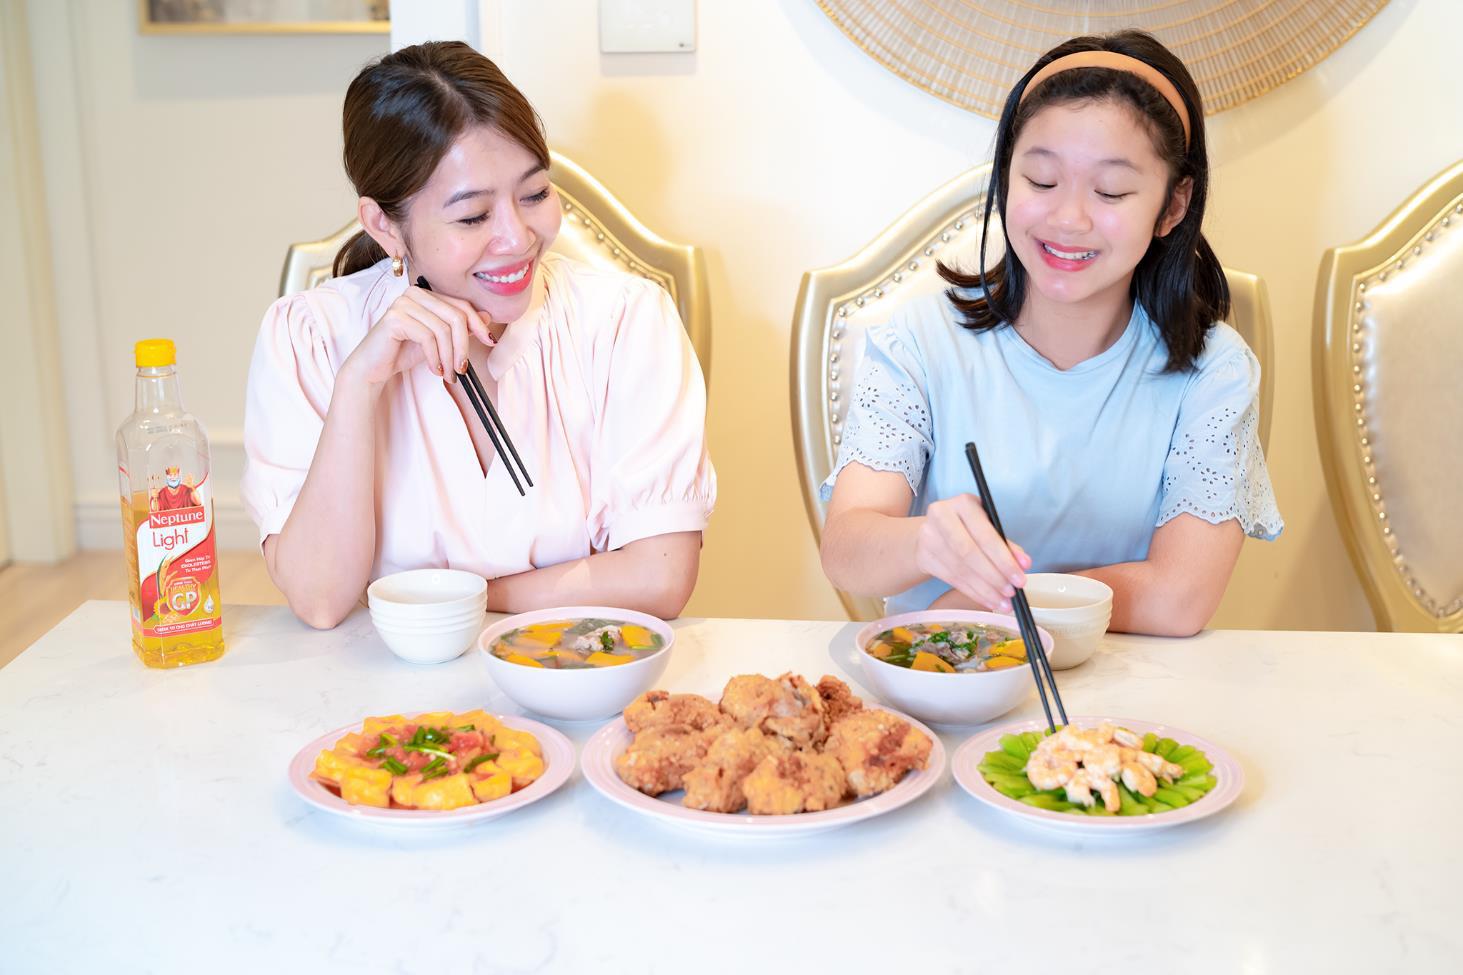 Khám phá công thức nấu ăn chuẩn LIGHT đang khiến cả Diệp Chi, Sara Lưu, Lan Phương lẫn Nguyễn Ngọc Thạch mê đắm - Ảnh 2.